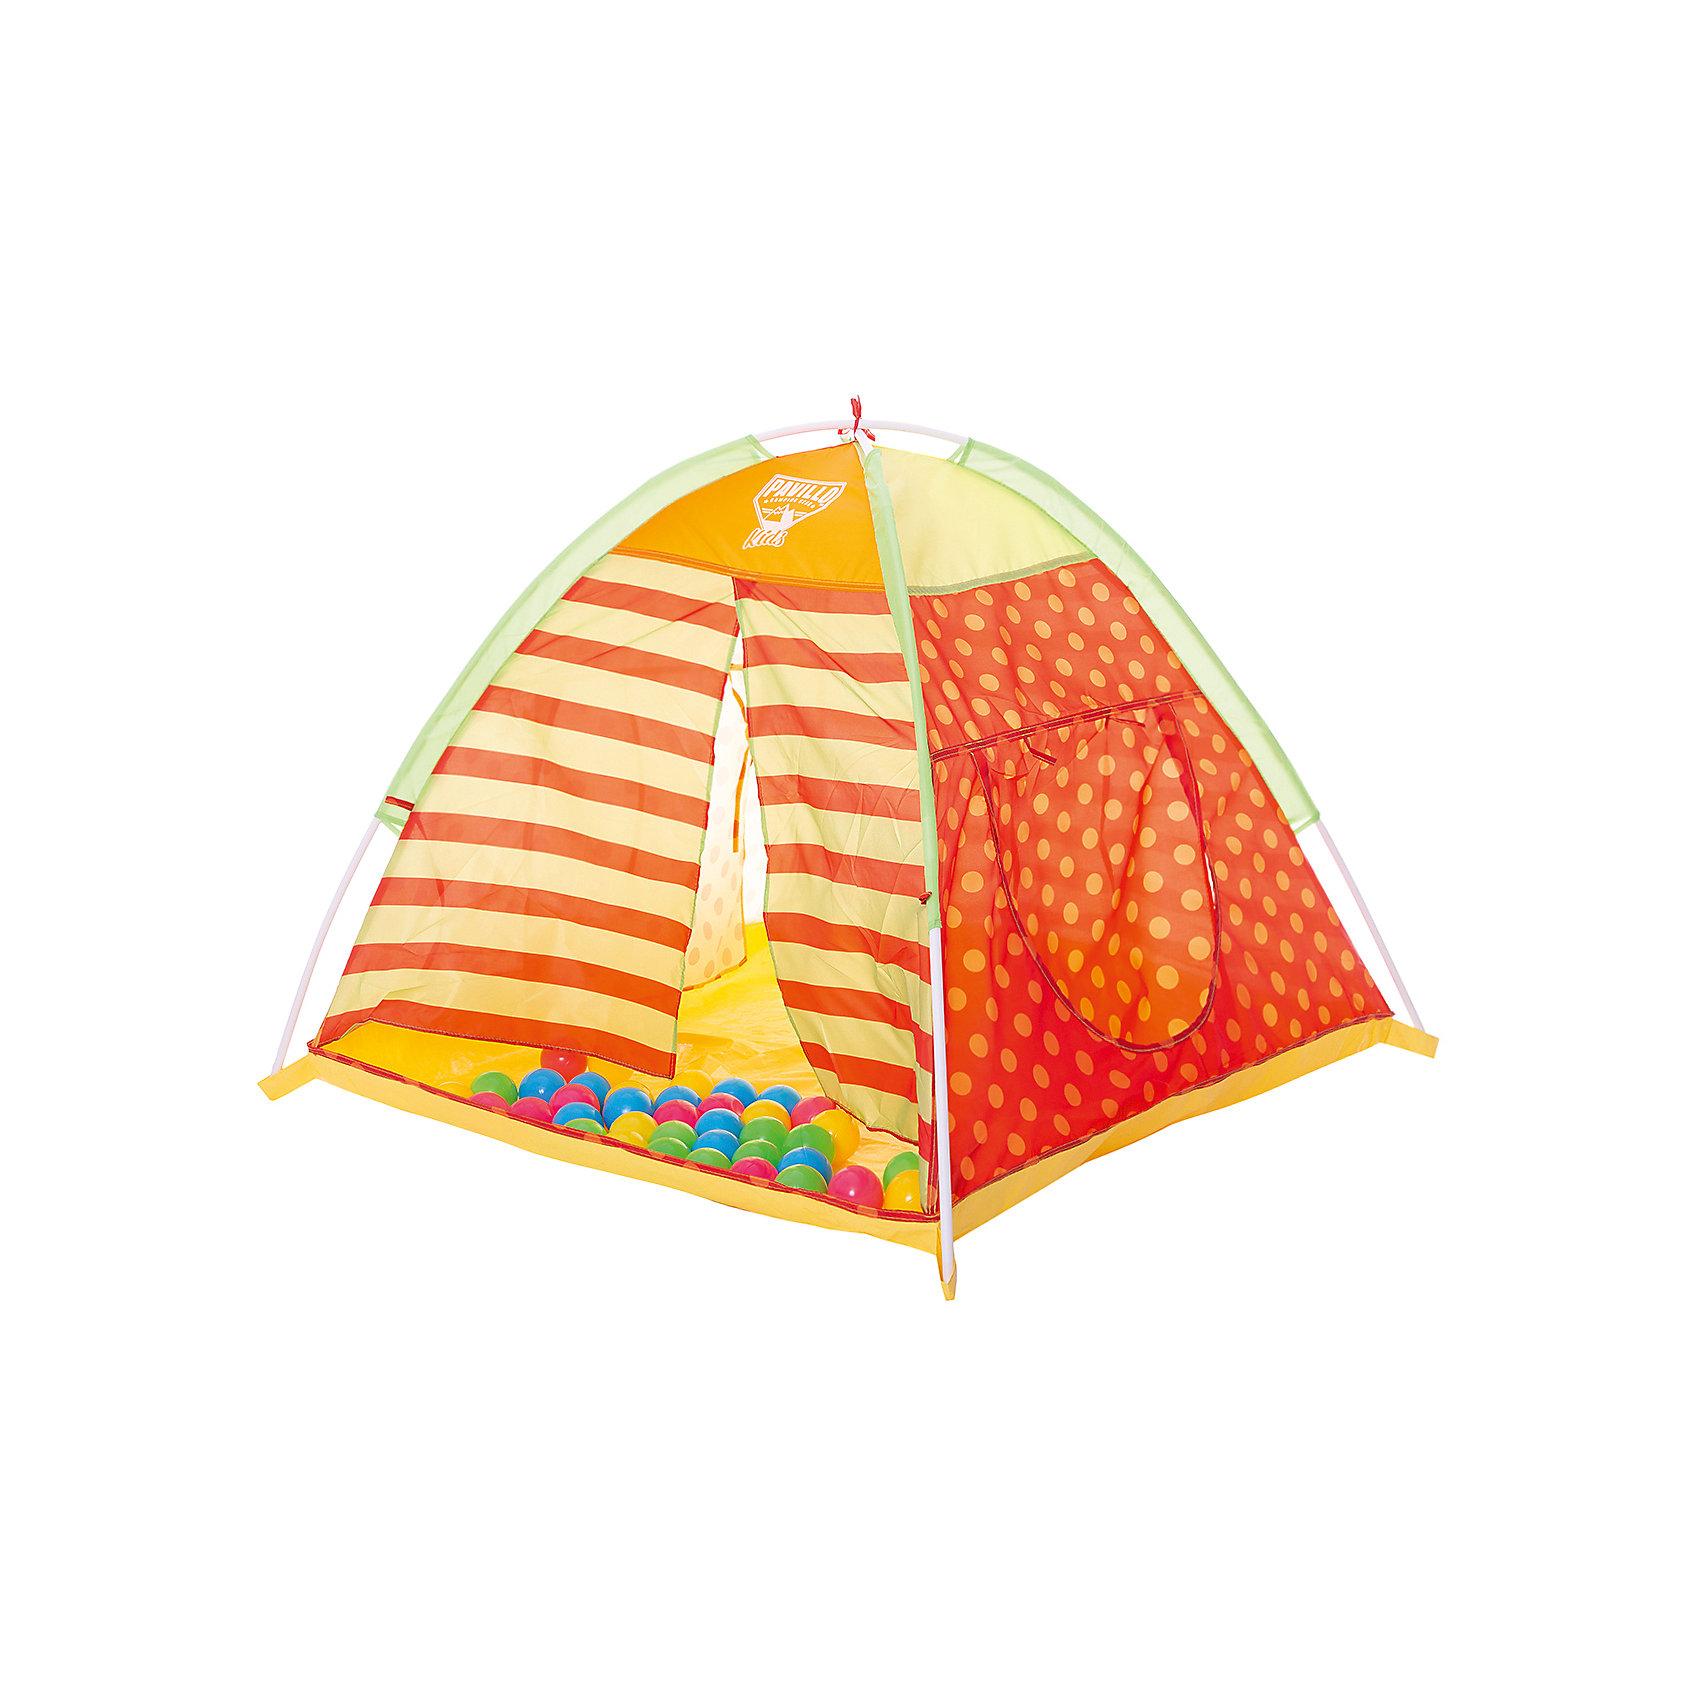 Детская палатка для игр с 40 шариками, BestwayИгровые палатки<br>Детская палатка для игр с 40 шариками, Bestway (Бествей)<br><br>Характеристики:<br><br>• яркий дизайн<br>• 40 шариков в комплекте<br>• размер: 112х112х90 см<br>• материал: металл, полиэстер<br>• размер упаковки: 10х54х26 см<br>• вес: 1,26 кг<br><br>В детской палатке можно придумать самые разнообразные игры! Ребенок сможет укрыться от воображаемого дождя, пригласить друзей на чаепитие или придумать другие интересные игры. В комплект входят 40 разноцветных шариков, которые можно собрать в палатке или разложить по комнате. Палатка представляет собой устойчивую конструкцию с ярким дизайном. По бокам расположены разные входы. Ребенок сможет использовать их по своему усмотрению, как подскажет его фантазия.<br><br>Детскую палатку для игр с 40 шариками, Bestway (Бествей) можно купить в нашем интернет-магазине.<br><br>Ширина мм: 550<br>Глубина мм: 420<br>Высота мм: 280<br>Вес г: 1260<br>Возраст от месяцев: 72<br>Возраст до месяцев: 2147483647<br>Пол: Унисекс<br>Возраст: Детский<br>SKU: 5486952